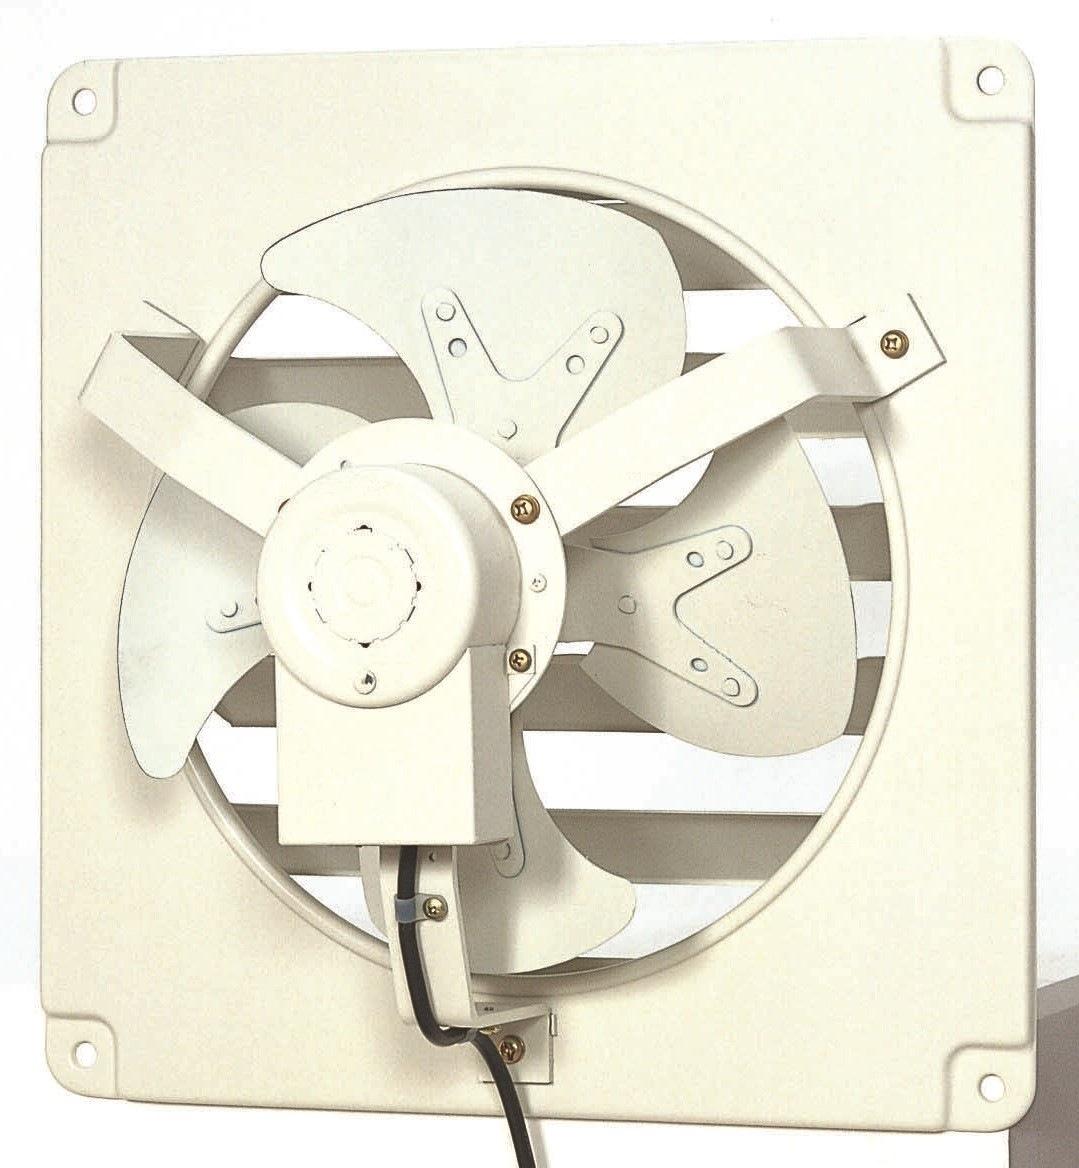 Quiet Wall Mount Industrial Fan : Kdk wall mount industrial ventilating fan kqt fans